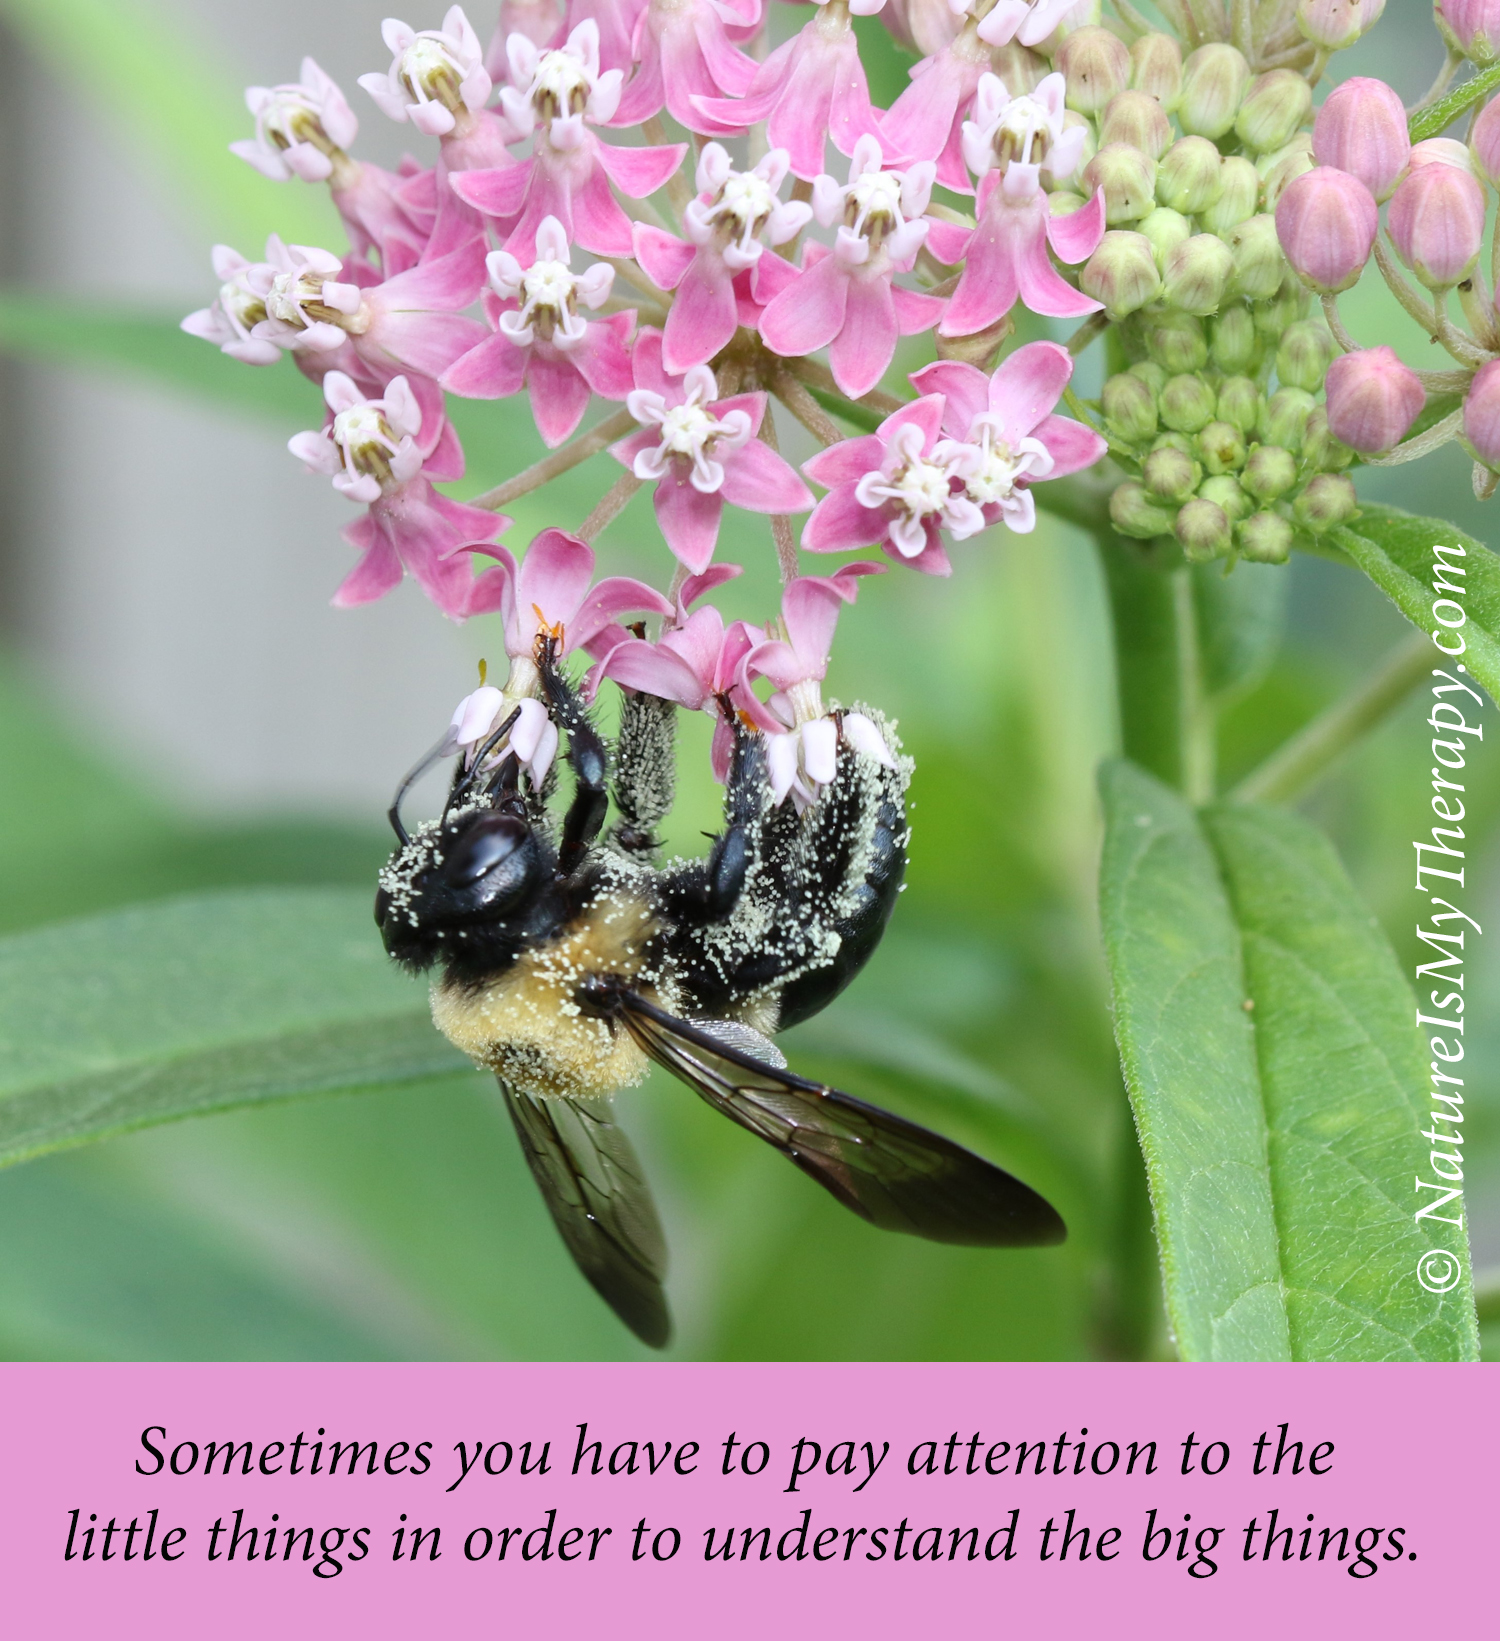 Carpenter bee on Swamp milkweed - NIMT meme - little things big things